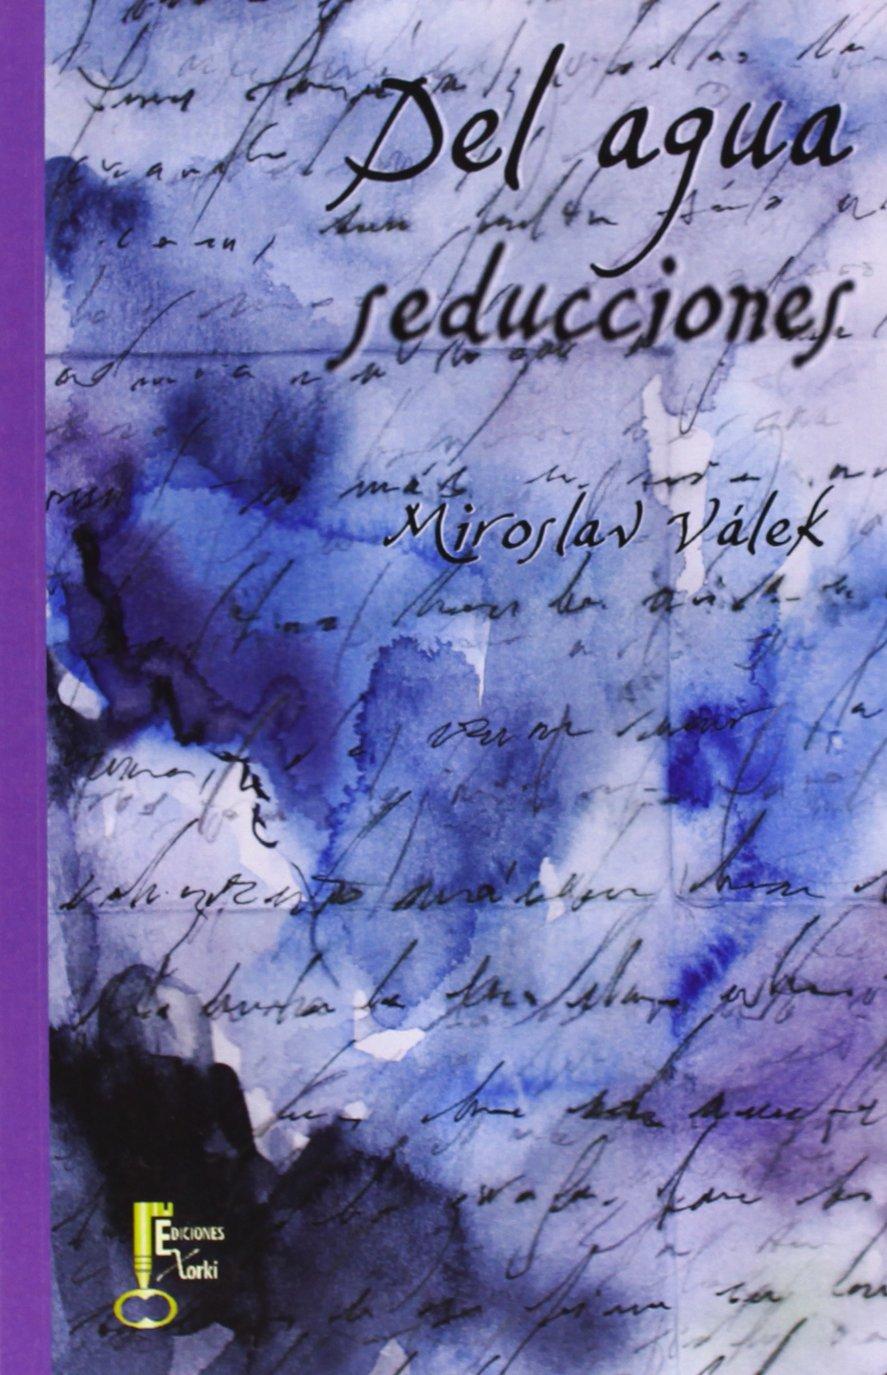 Del agua seducciones (Poesía): Amazon.es: Miroslav Válek, Ján Zambor, Valeria Kovachova Rivera de Rosales: Libros